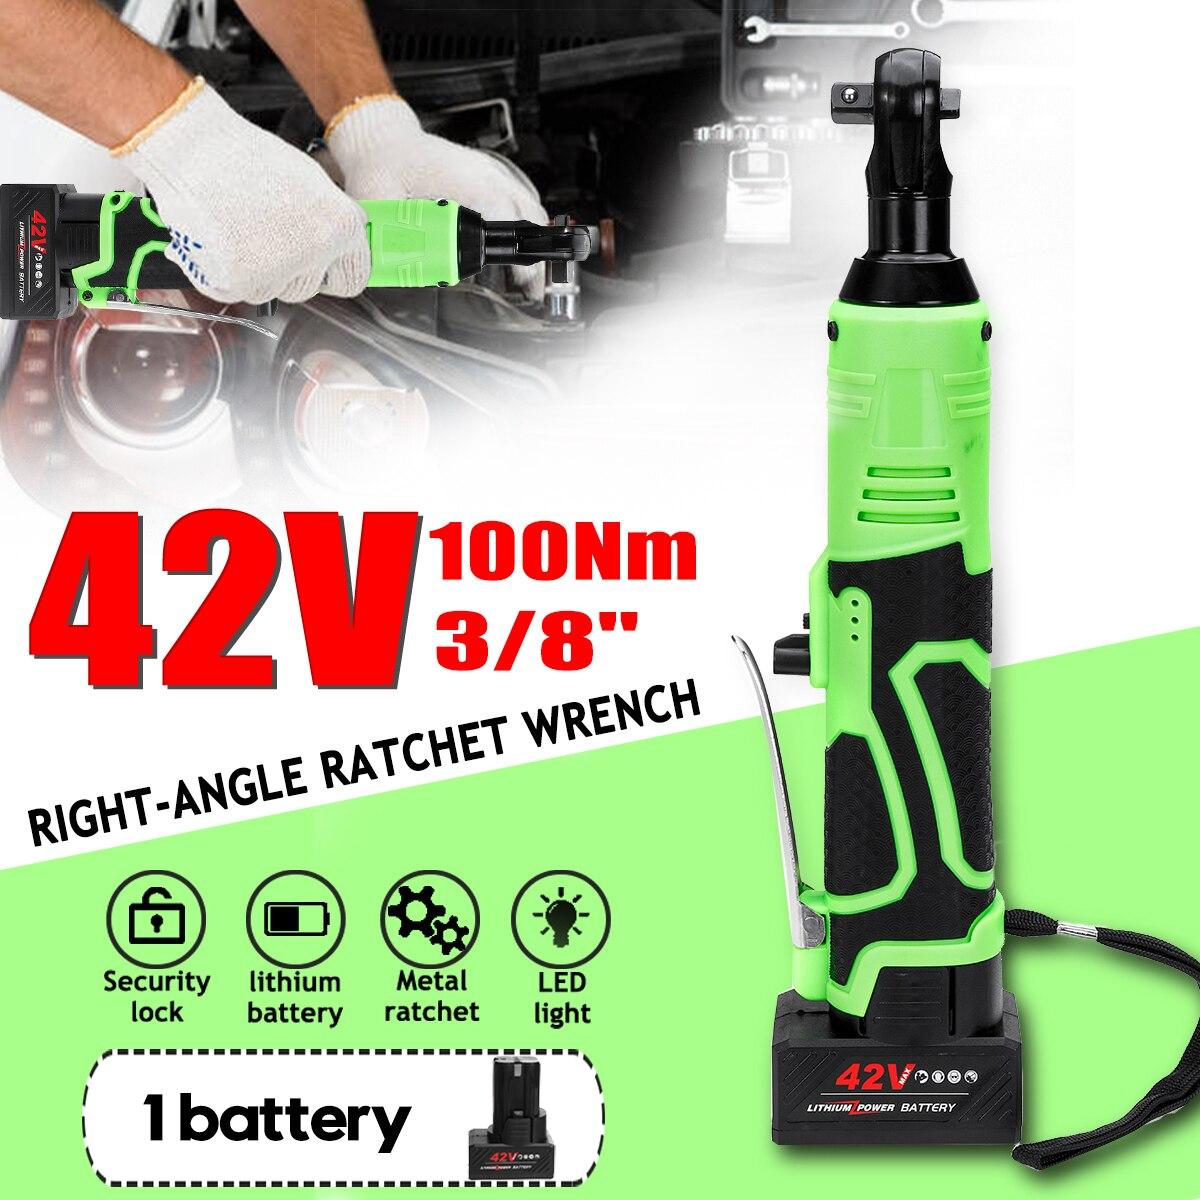 Llave de carraca eléctrica inalámbrica de 42V, 100NM 3/8, destornillador de ángulo recargable, llave para andamios con 2 baterías